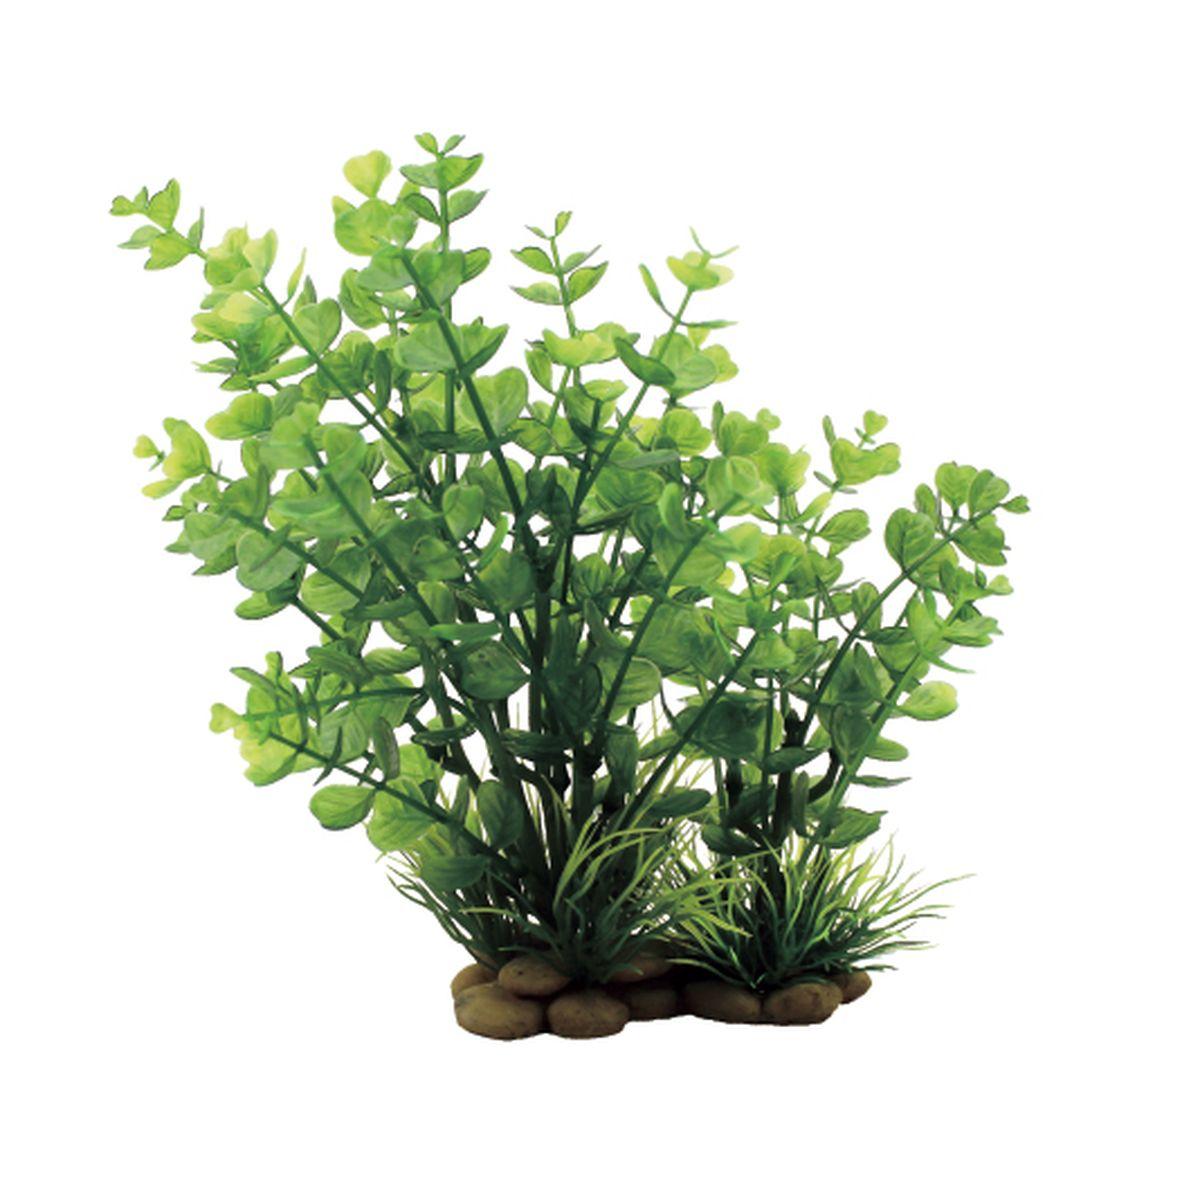 Растение для аквариума ArtUniq Бакопа красно-зеленая, высота 20 см0120710Композиция из искусственных растений ArtUniq превосходно украсит и оживит аквариум.Растения - это важная часть любой композиции, они помогут вдохнуть жизнь в ландшафт любого аквариума или террариума. А их сходствос природными порадует даже самых взыскательных ценителей.